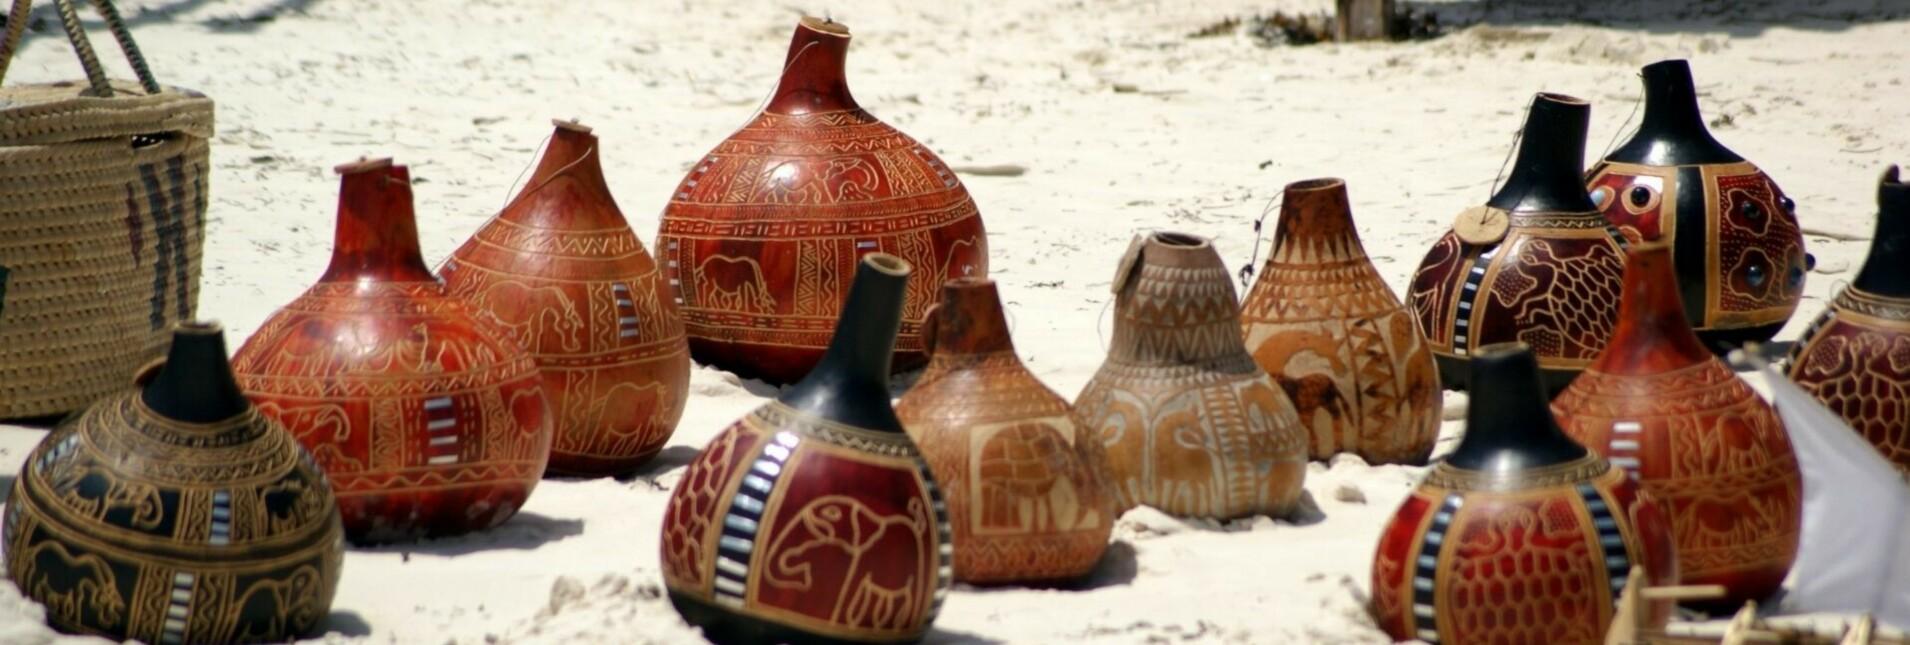 Faszinierende Masai Mara erleben & Erholung am Diani Beach